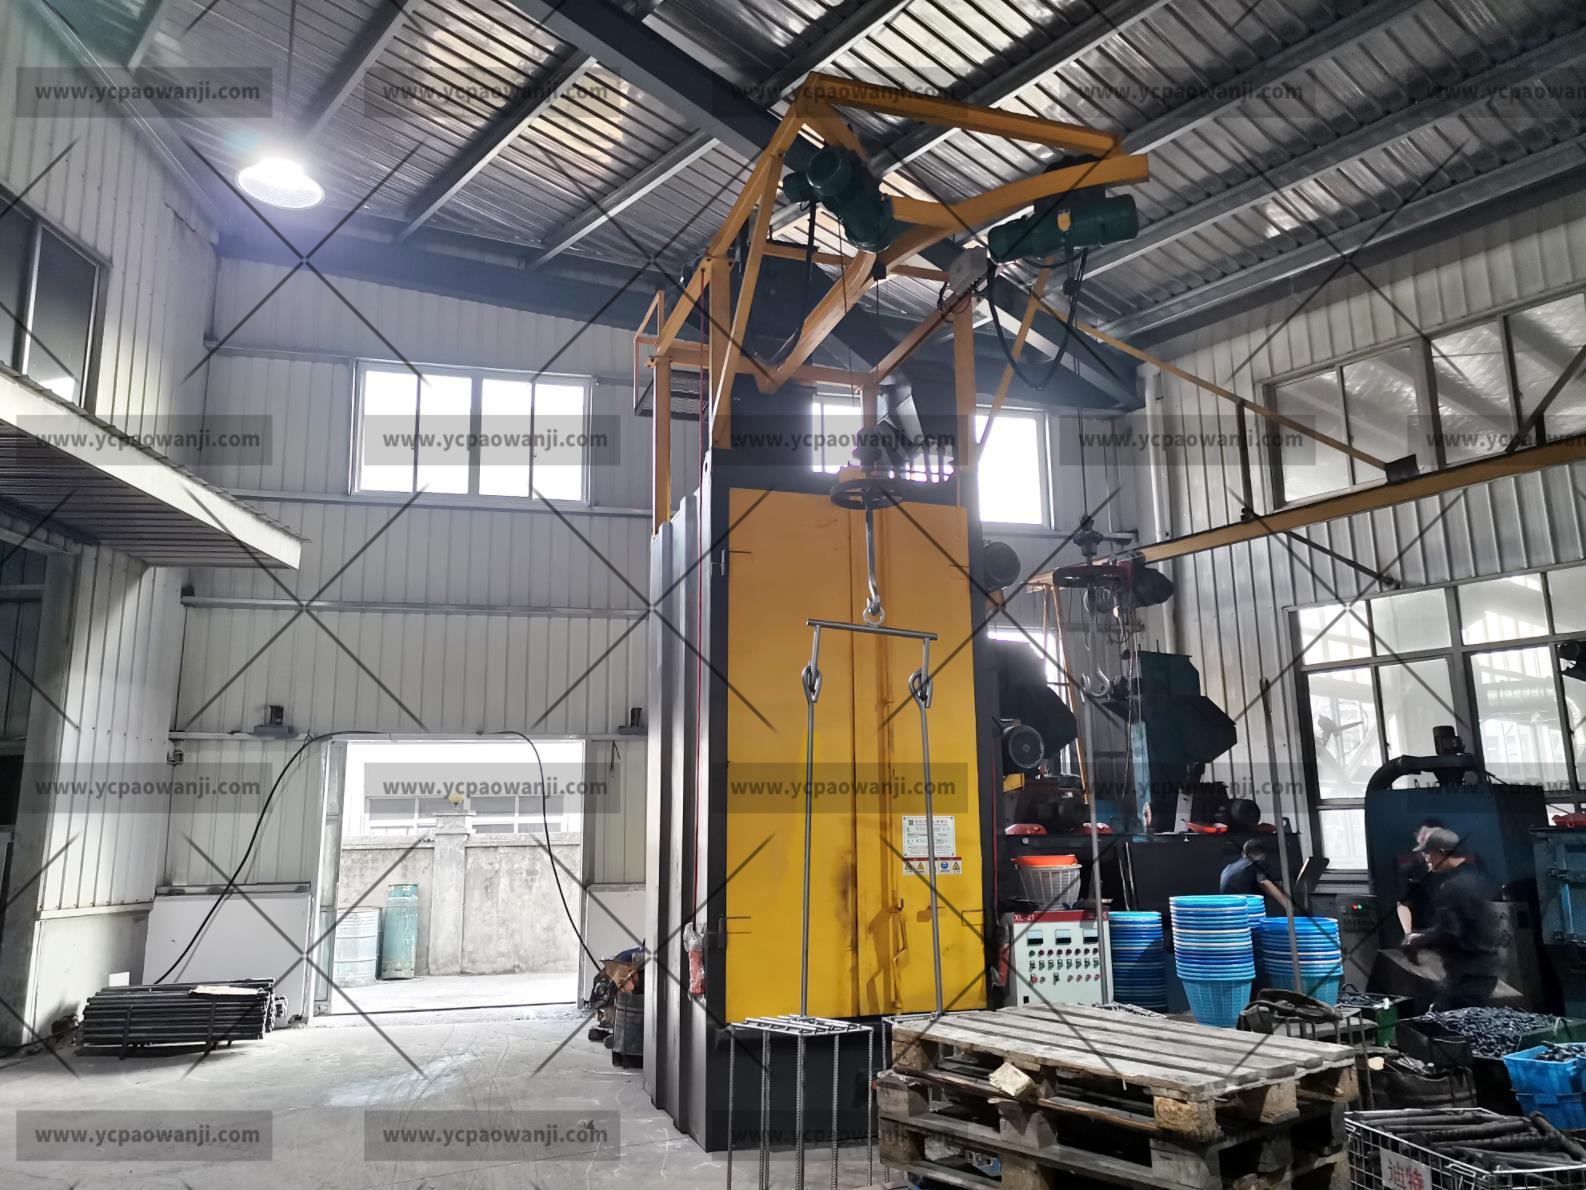 发往河北保定Q3730吊钩式抛丸机参数与工作原理是怎样的?